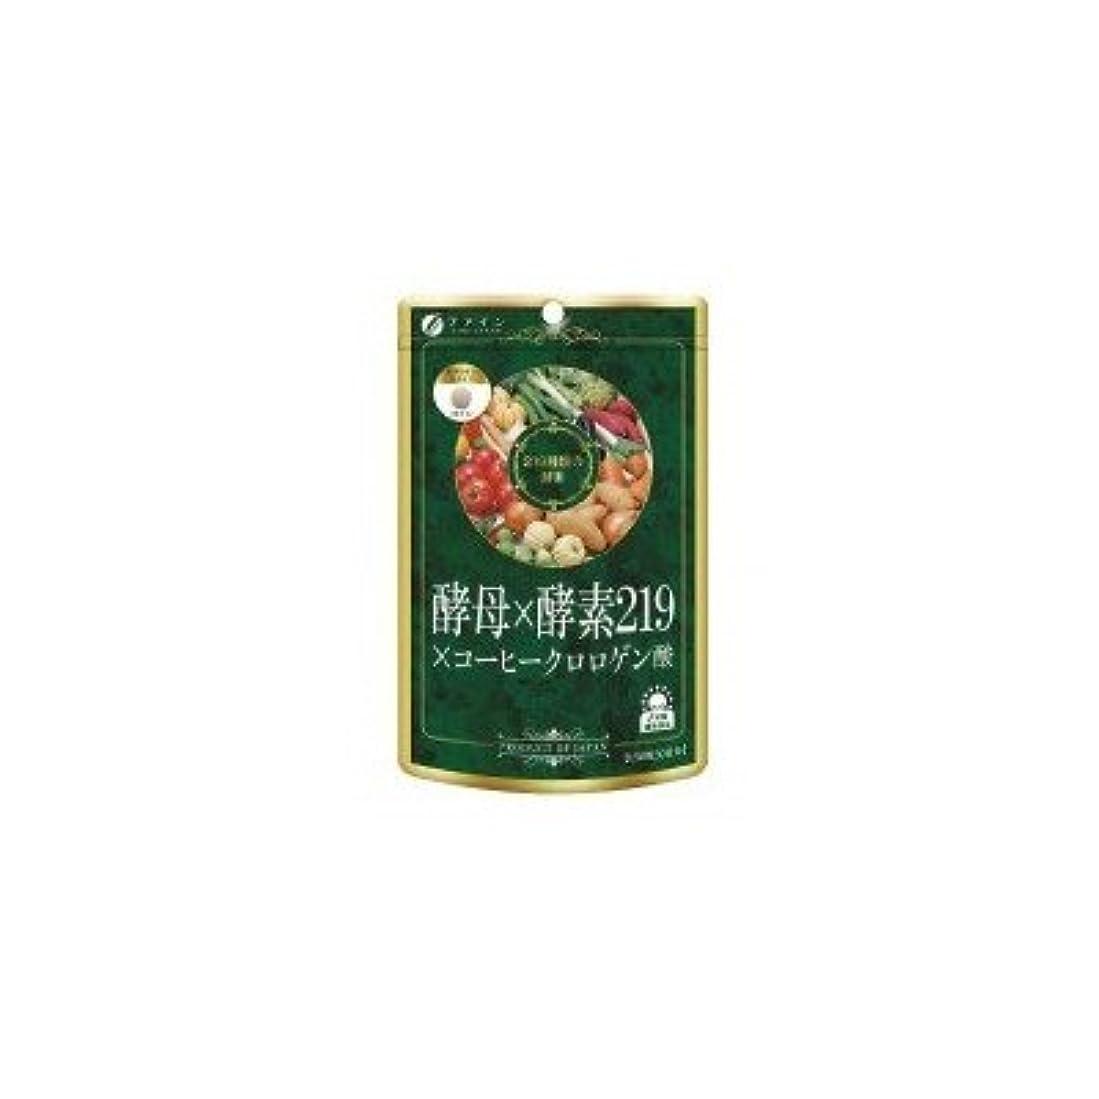 こどもの宮殿にぎやか酔うファイン 酵母×酵素219×コーヒークロロゲン酸 45g(300mg×150粒)